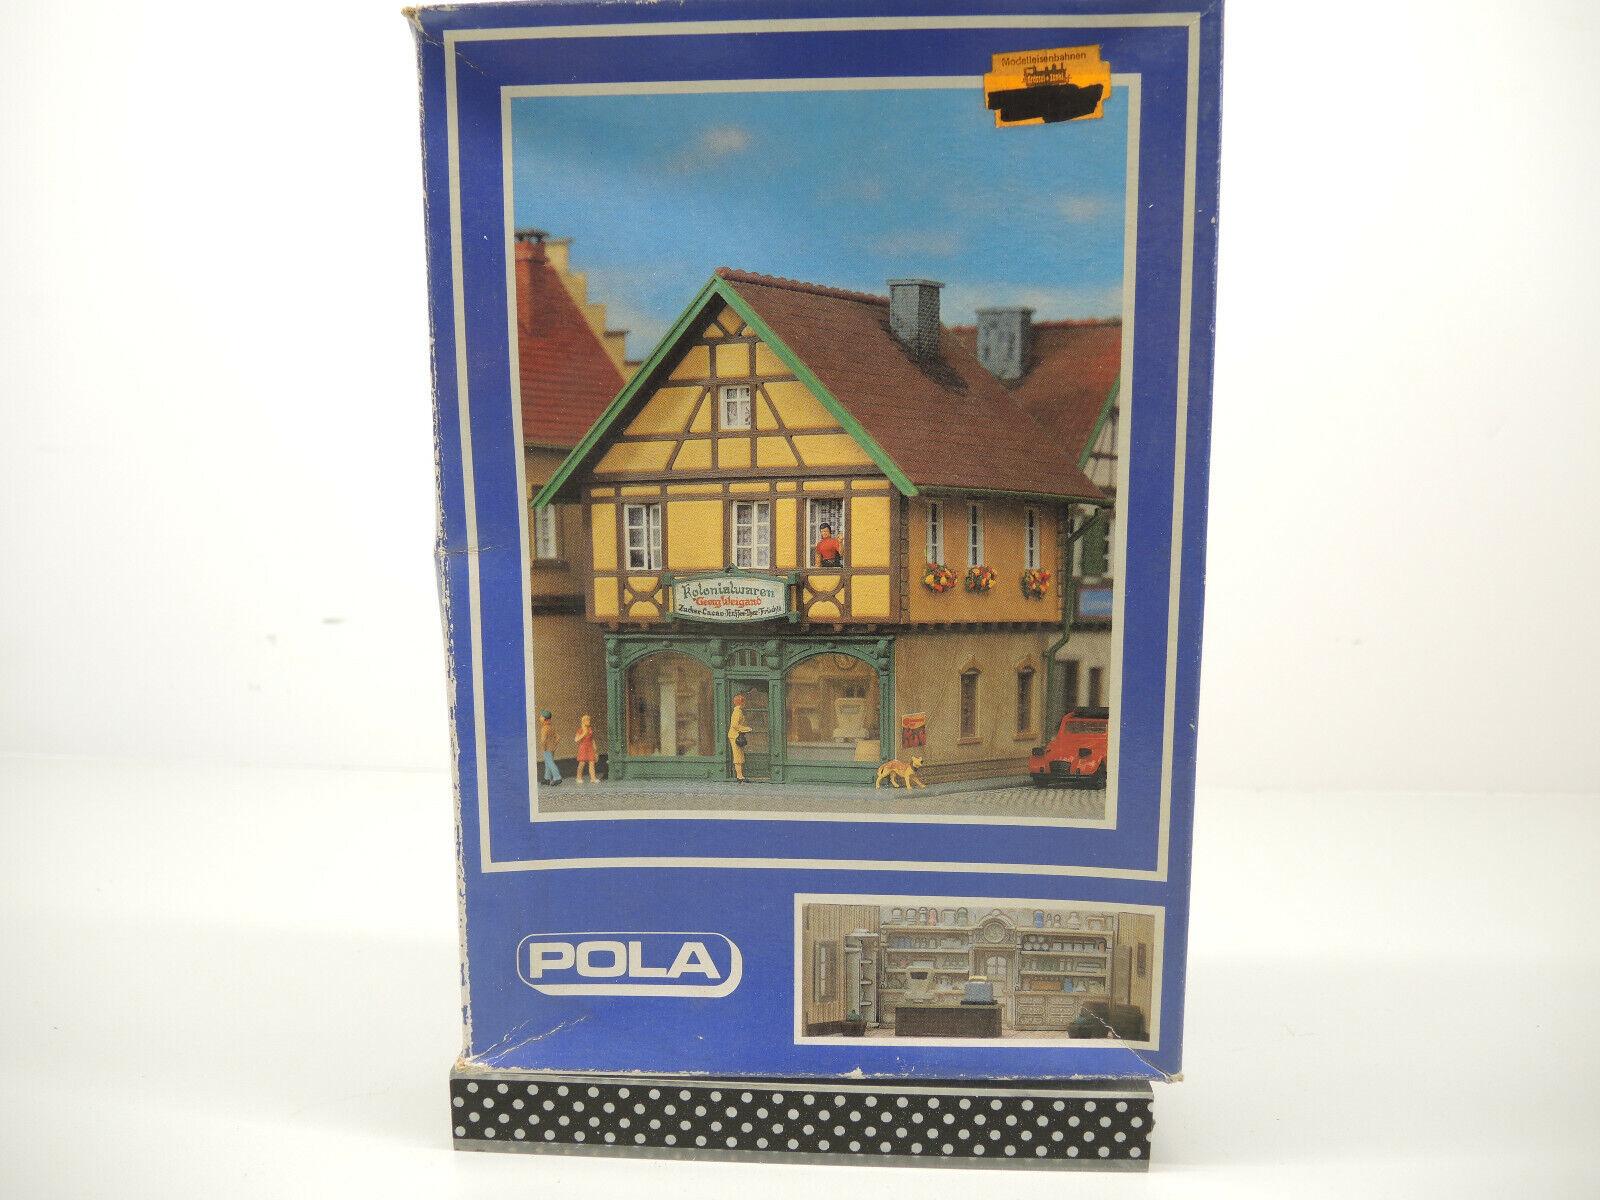 Pola 151 Meister-Modell,  HO. HO. HO. Kolonialwaren, geprüft, OVP mit Lagerspuren (B)  | Bevorzugtes Material  6fa283